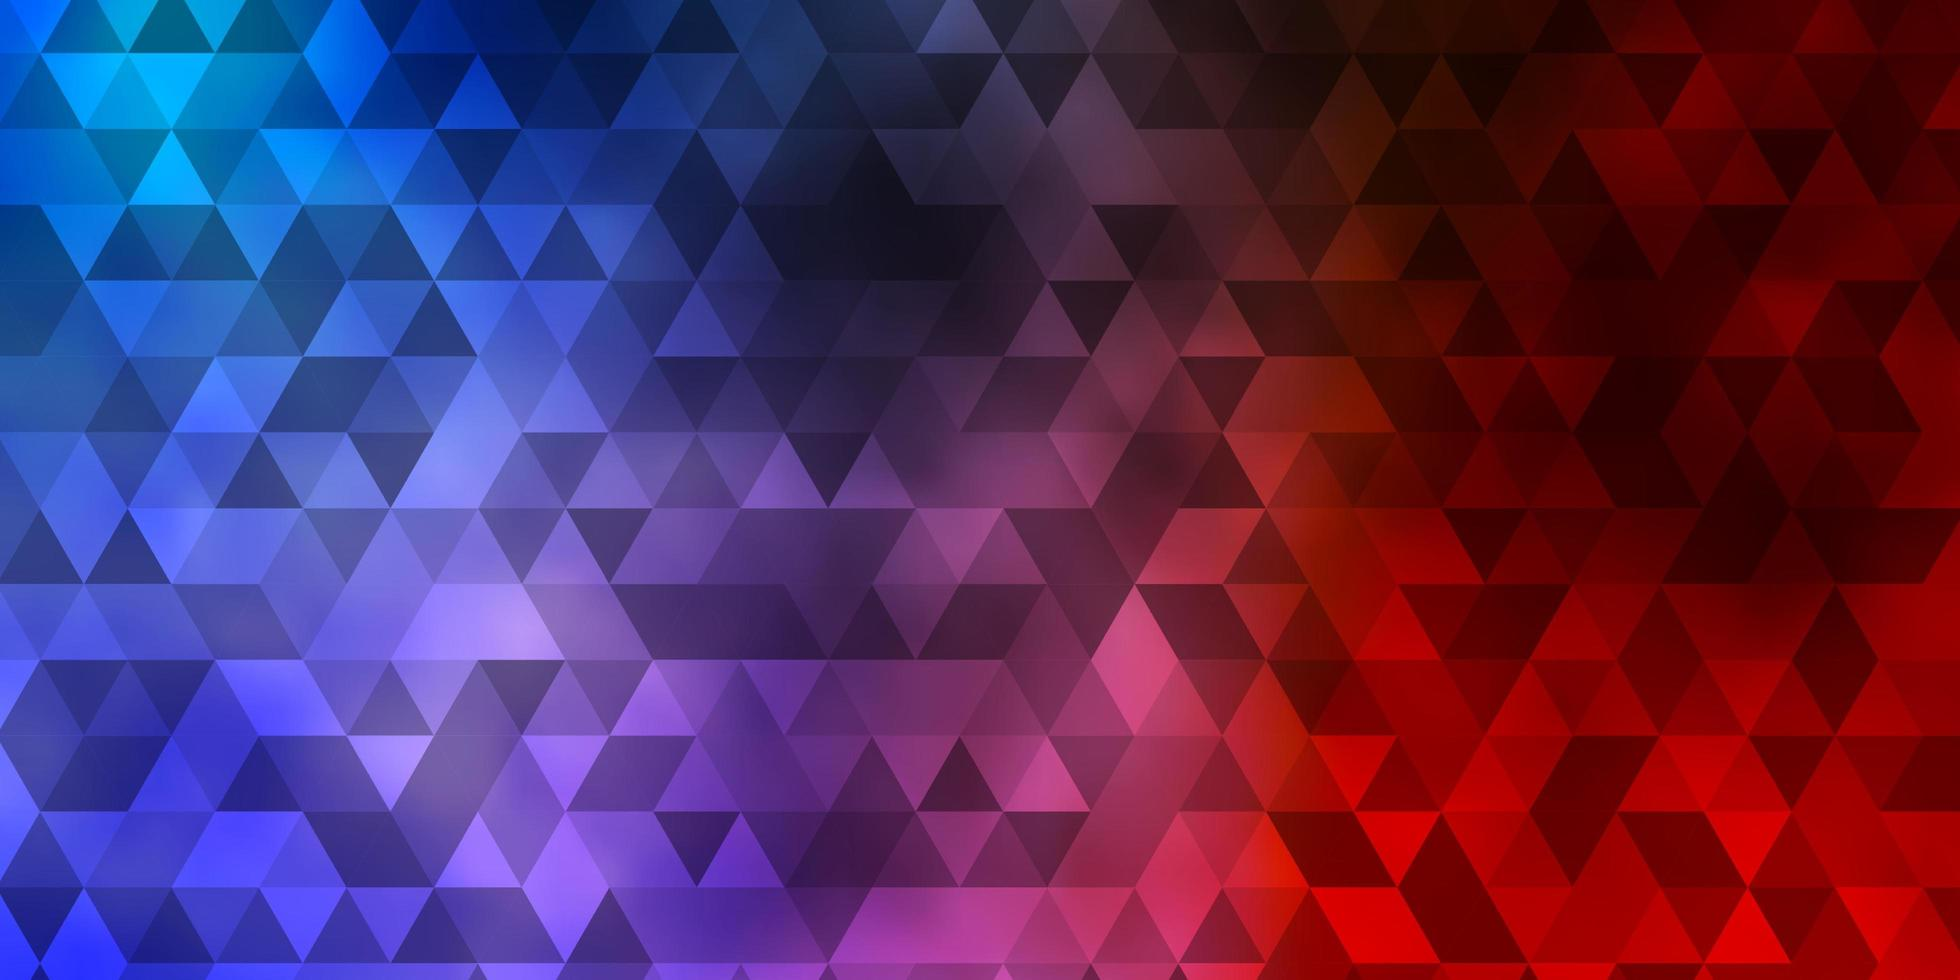 hellblaues, rotes Vektorlayout mit Linien, Dreiecken. vektor